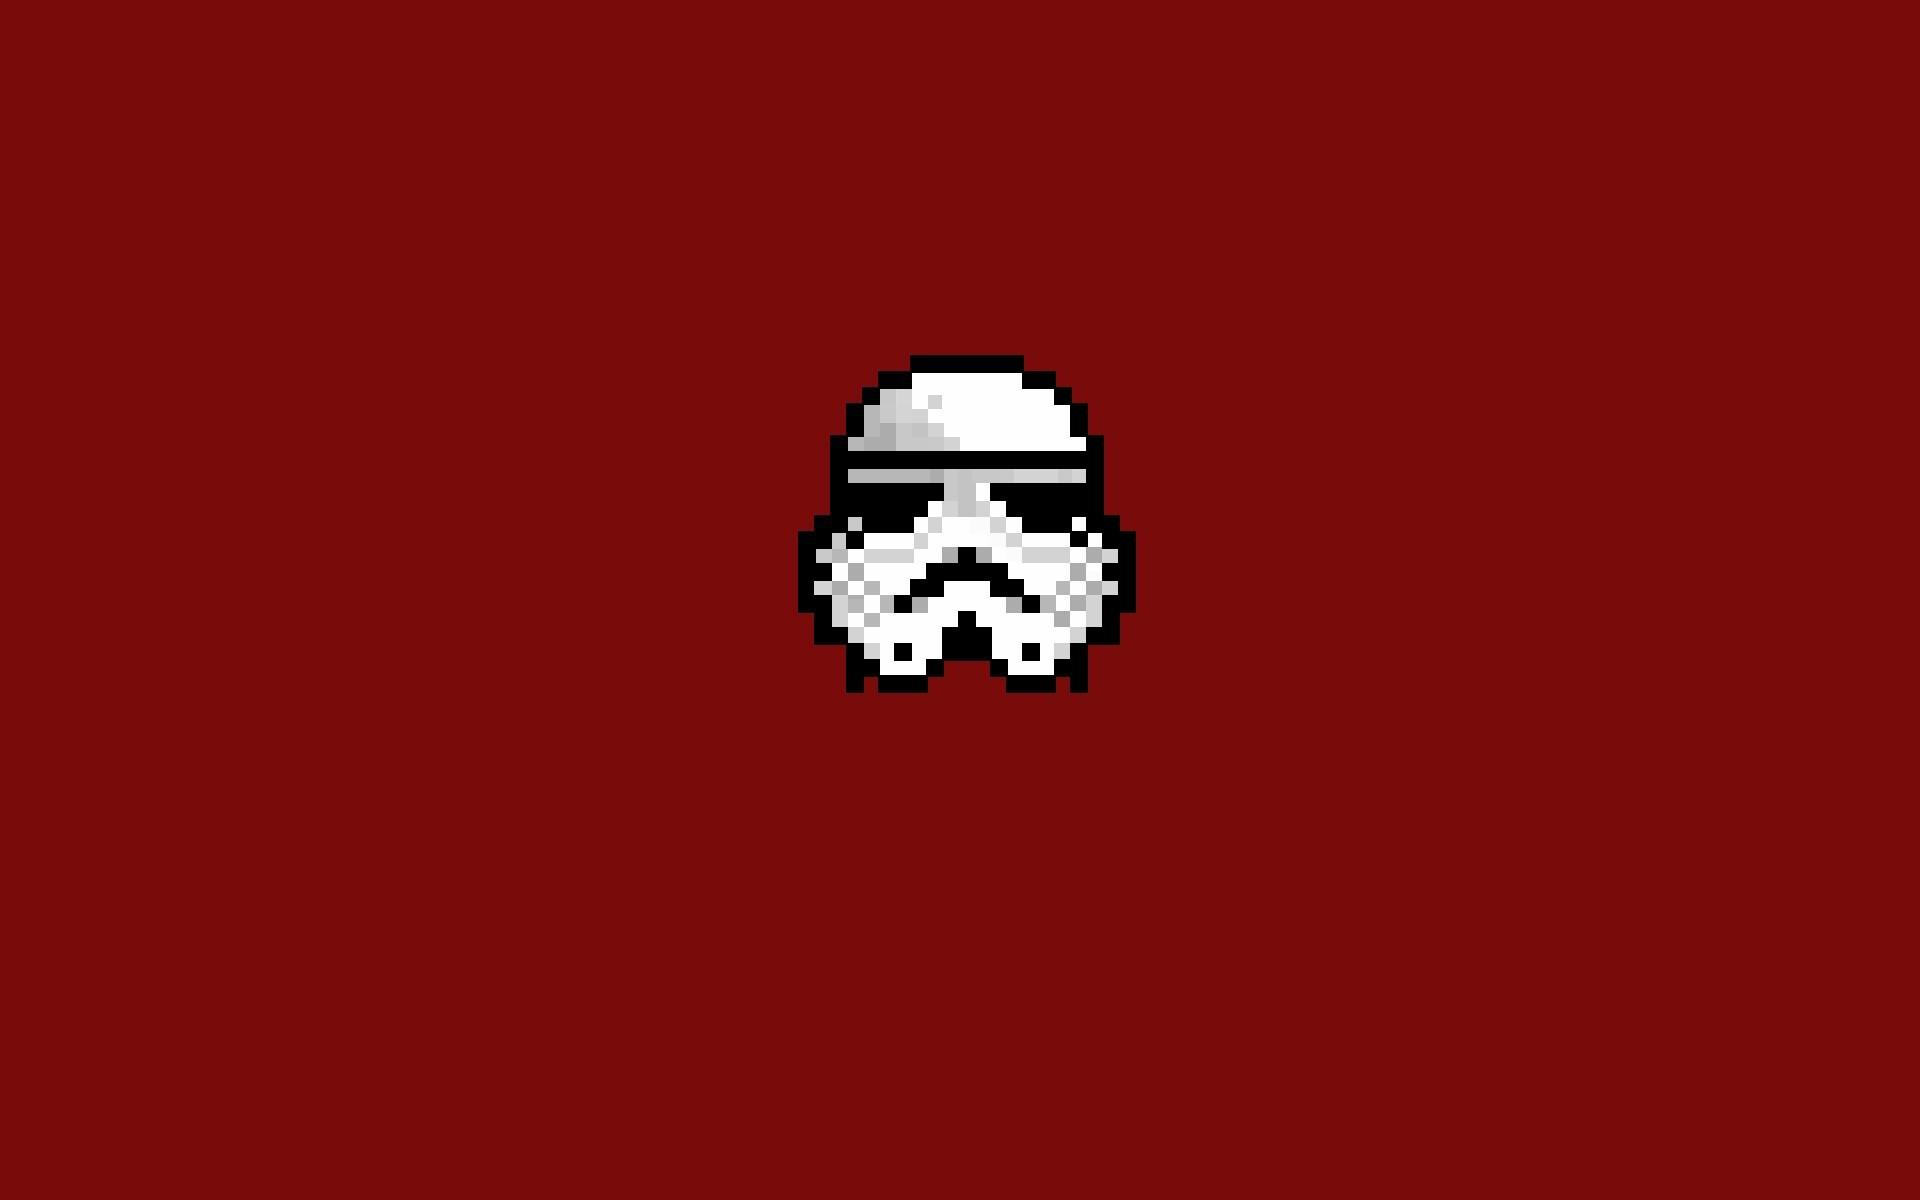 Cute Sugar Skull Wallpaper Stormtrooper Star Wars 8 Bit Pixel Art Minimalism